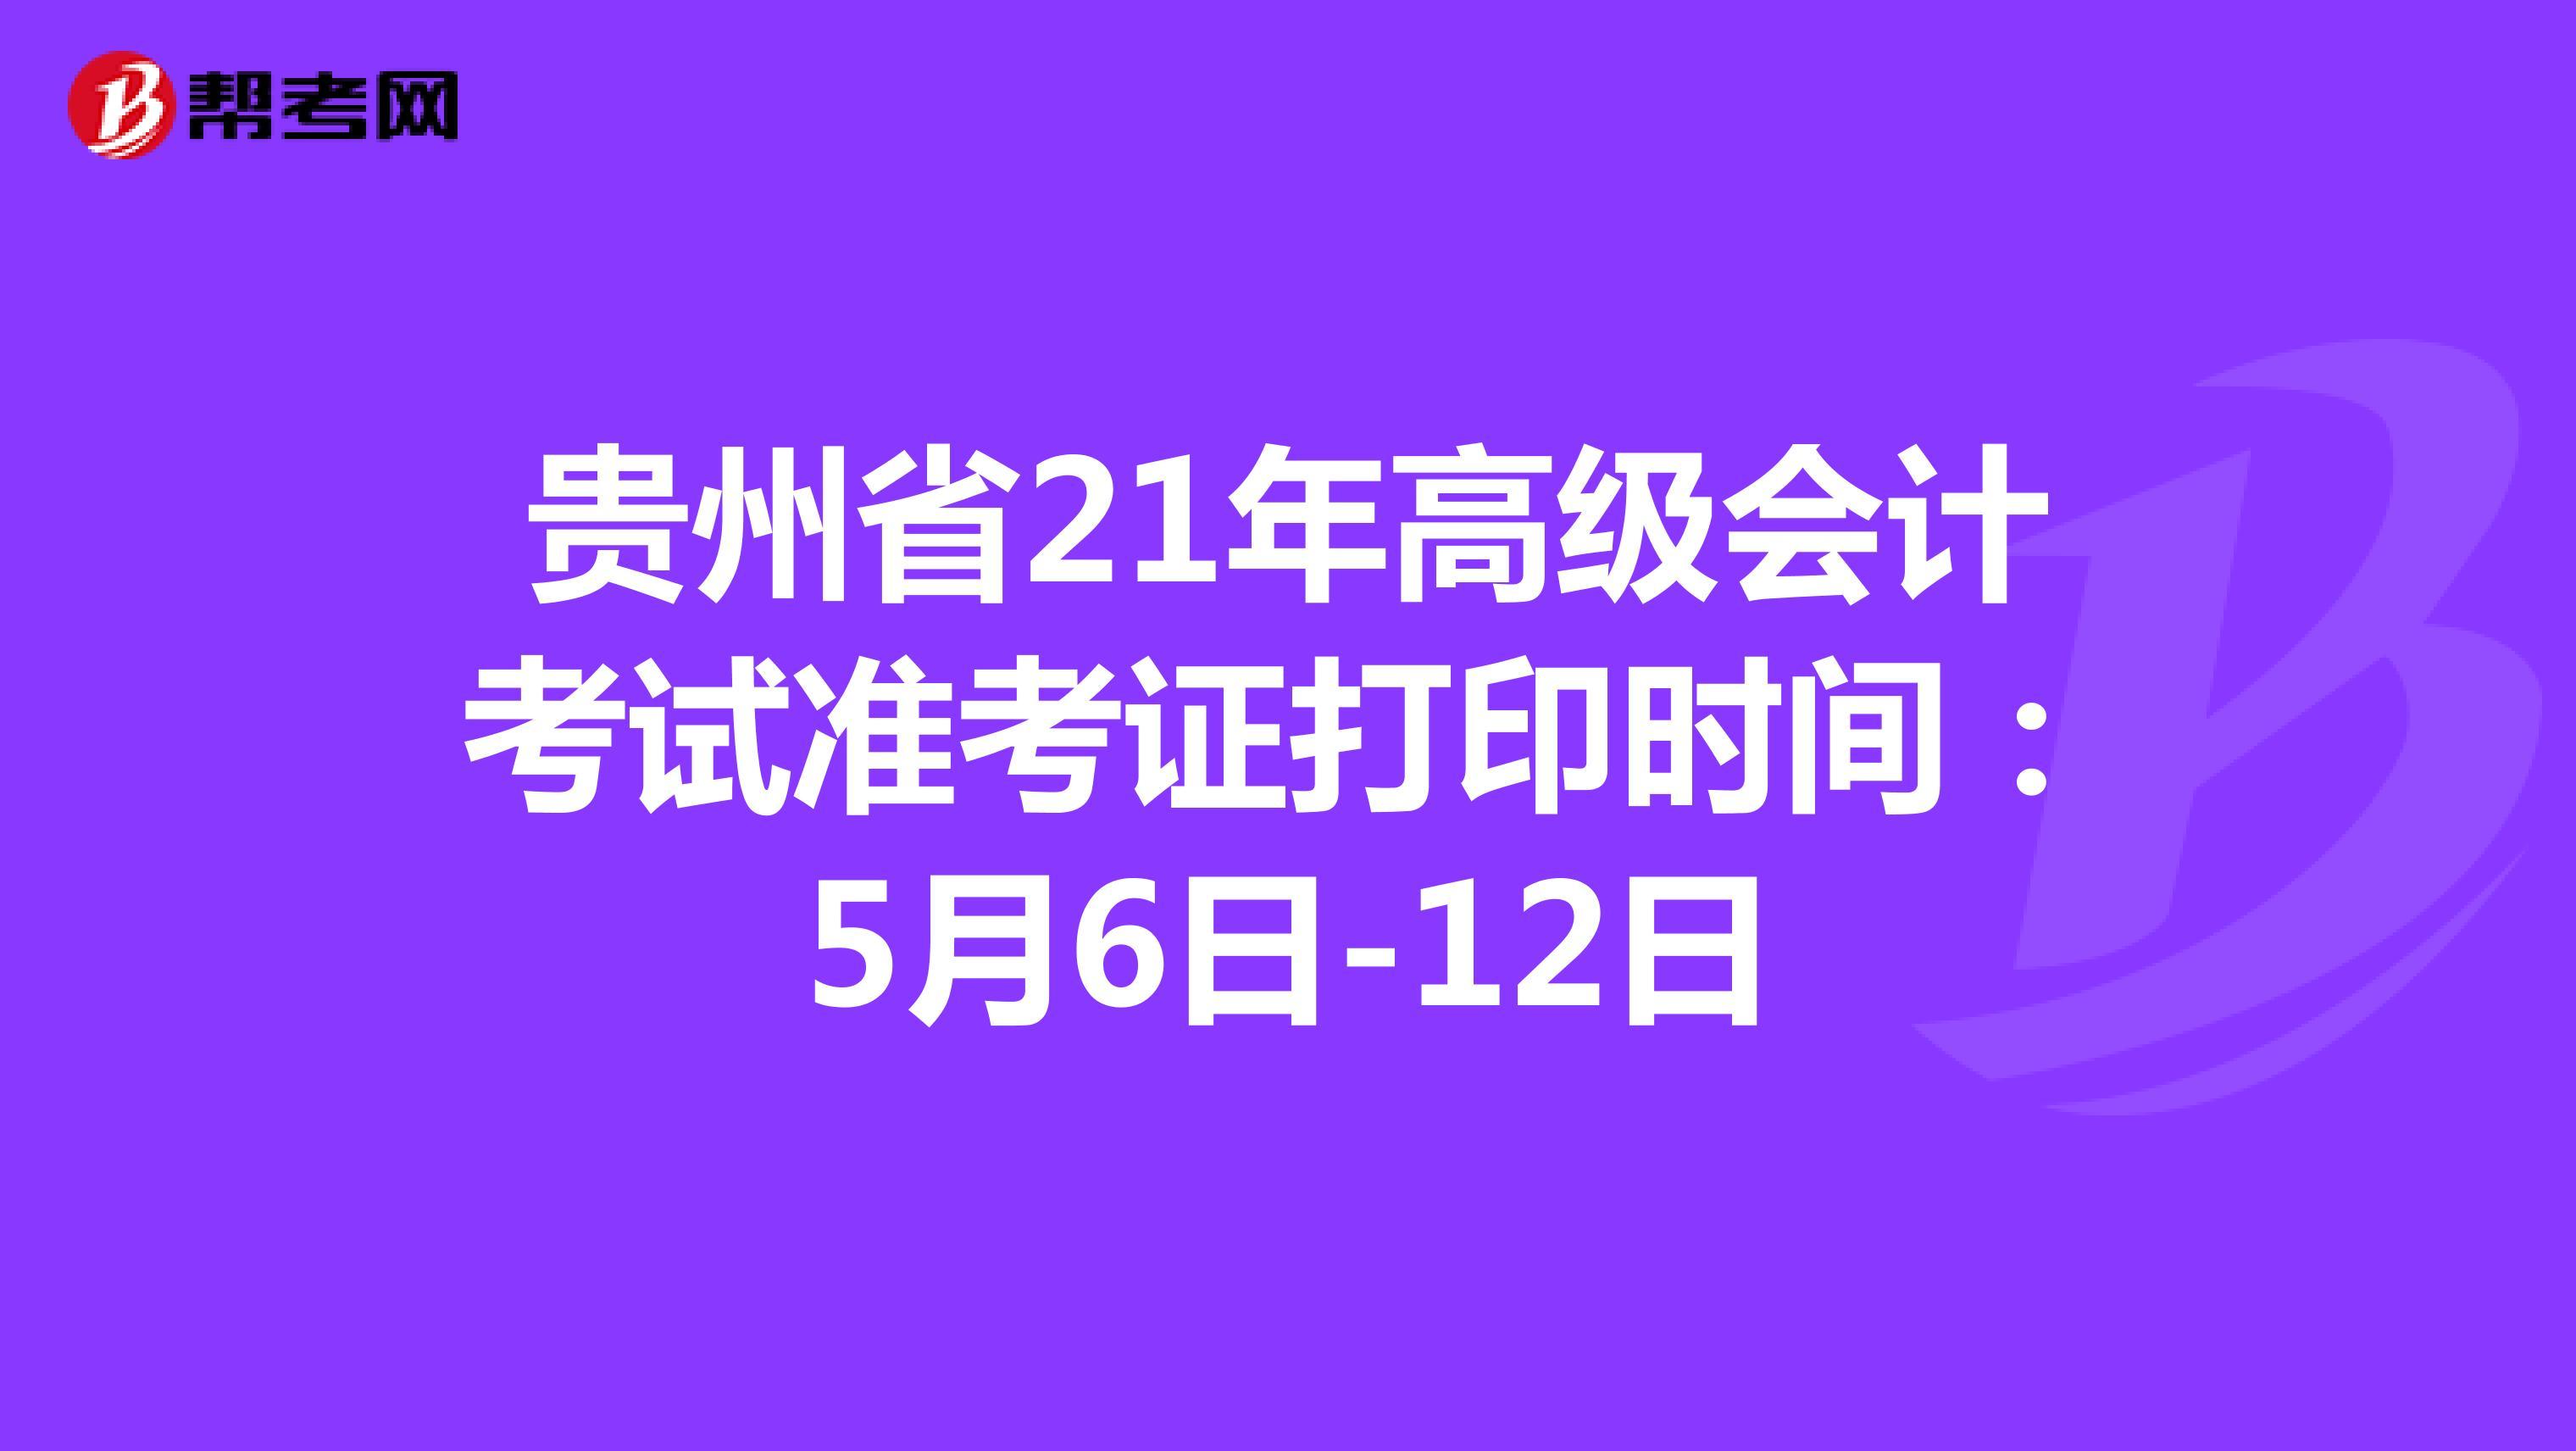 贵州省21年高级会计考试准考证打印时间:5月6日-12日